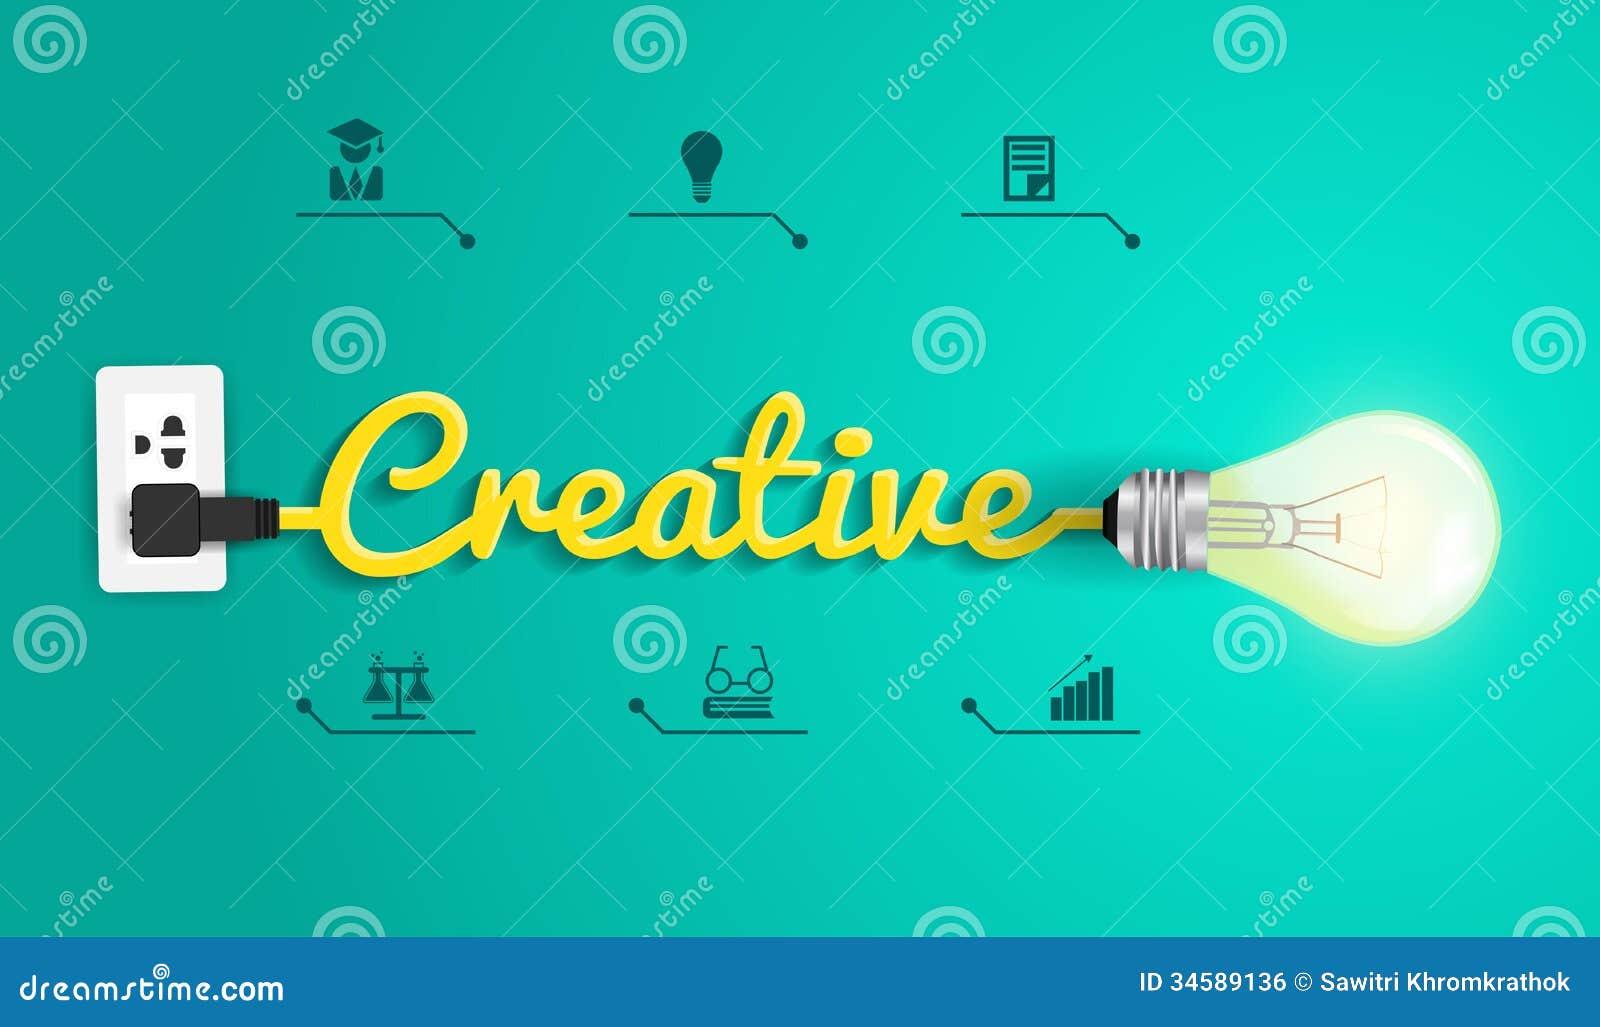 Kreatives Konzept des Vektors mit Glühlampeidee